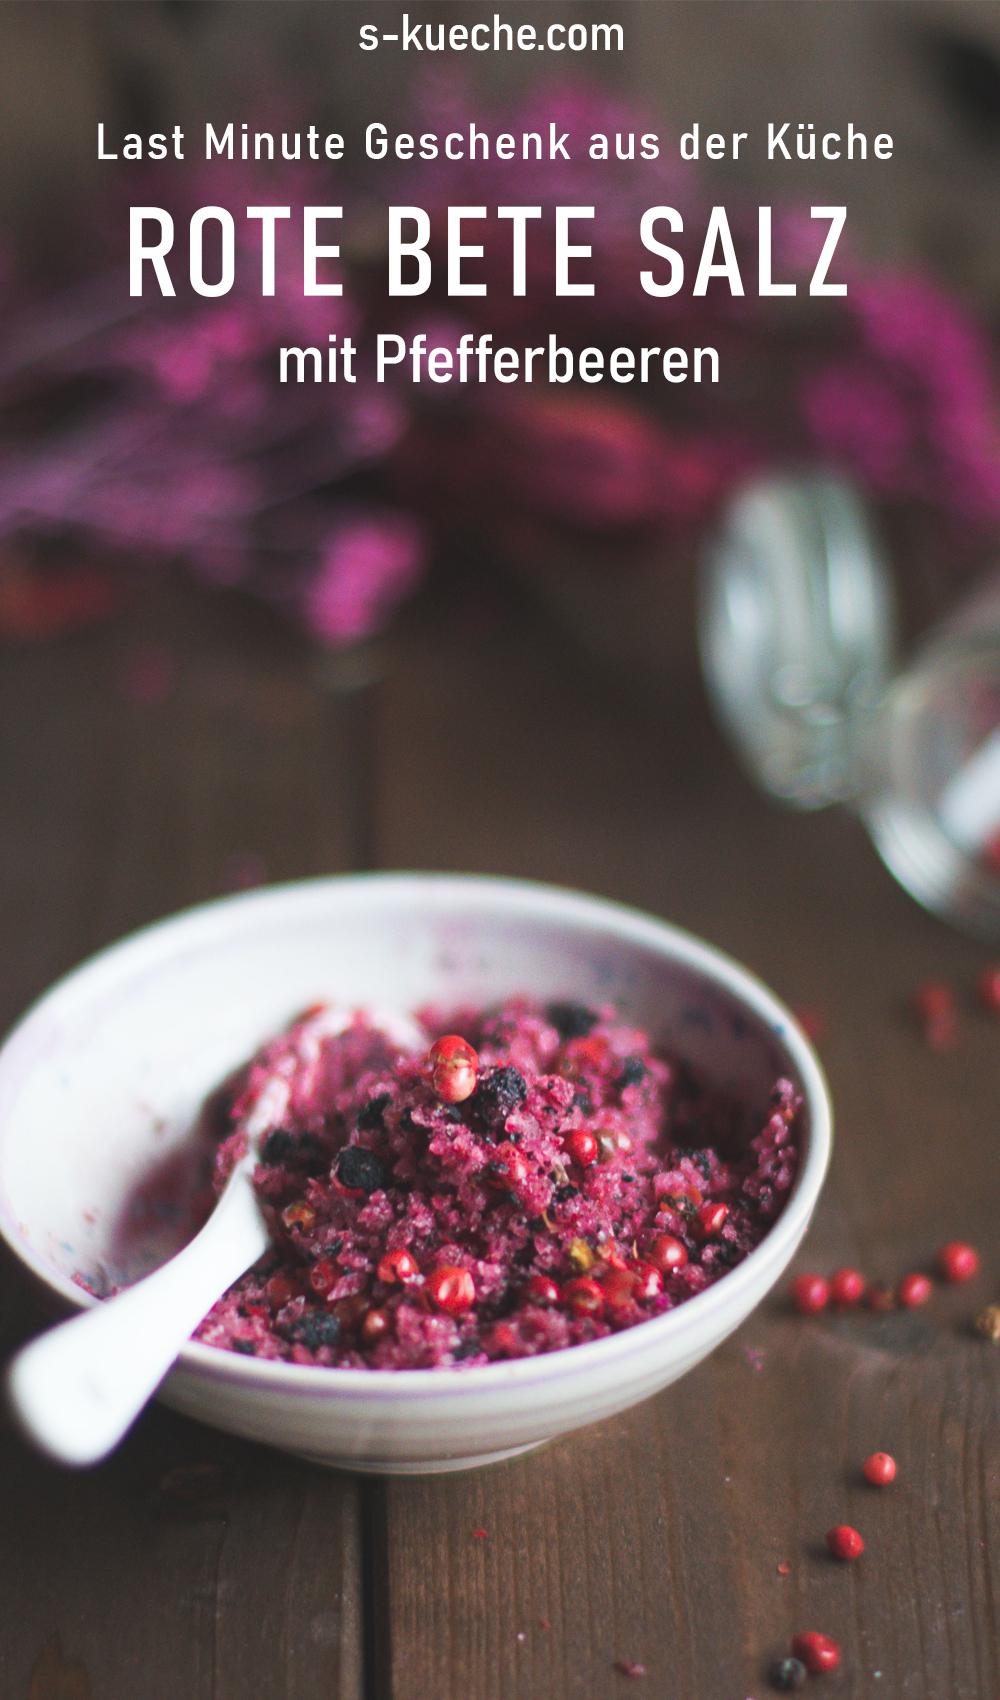 Salz mit Pfefferbeeren und Rote Bete, kulinarisches Geschenk,